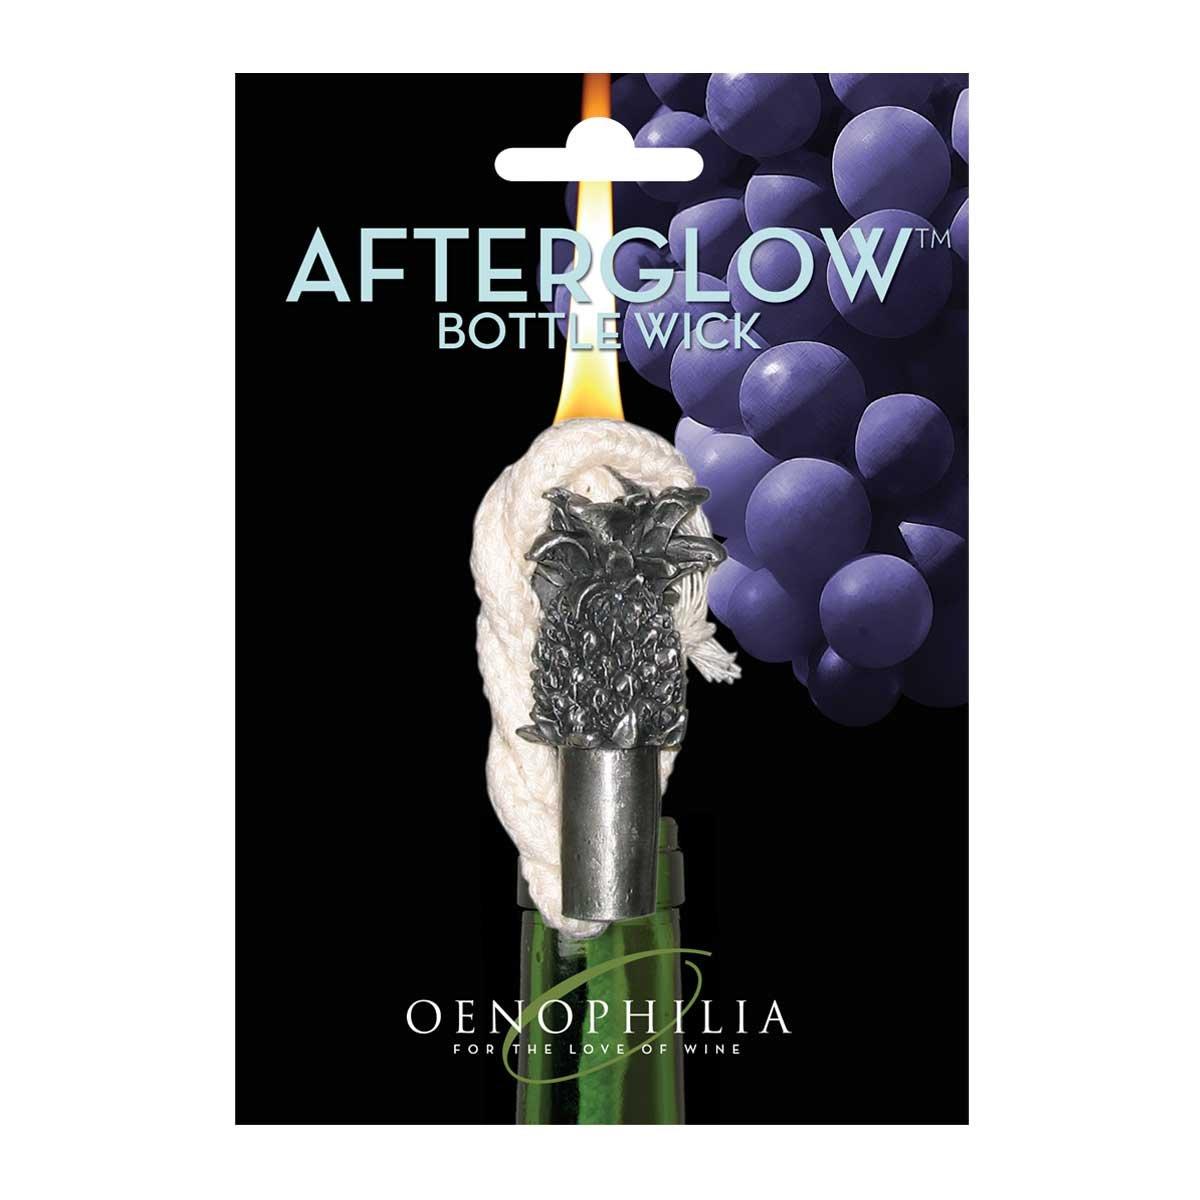 Oenophilia Afterglow Bottle Wick - Pineapple